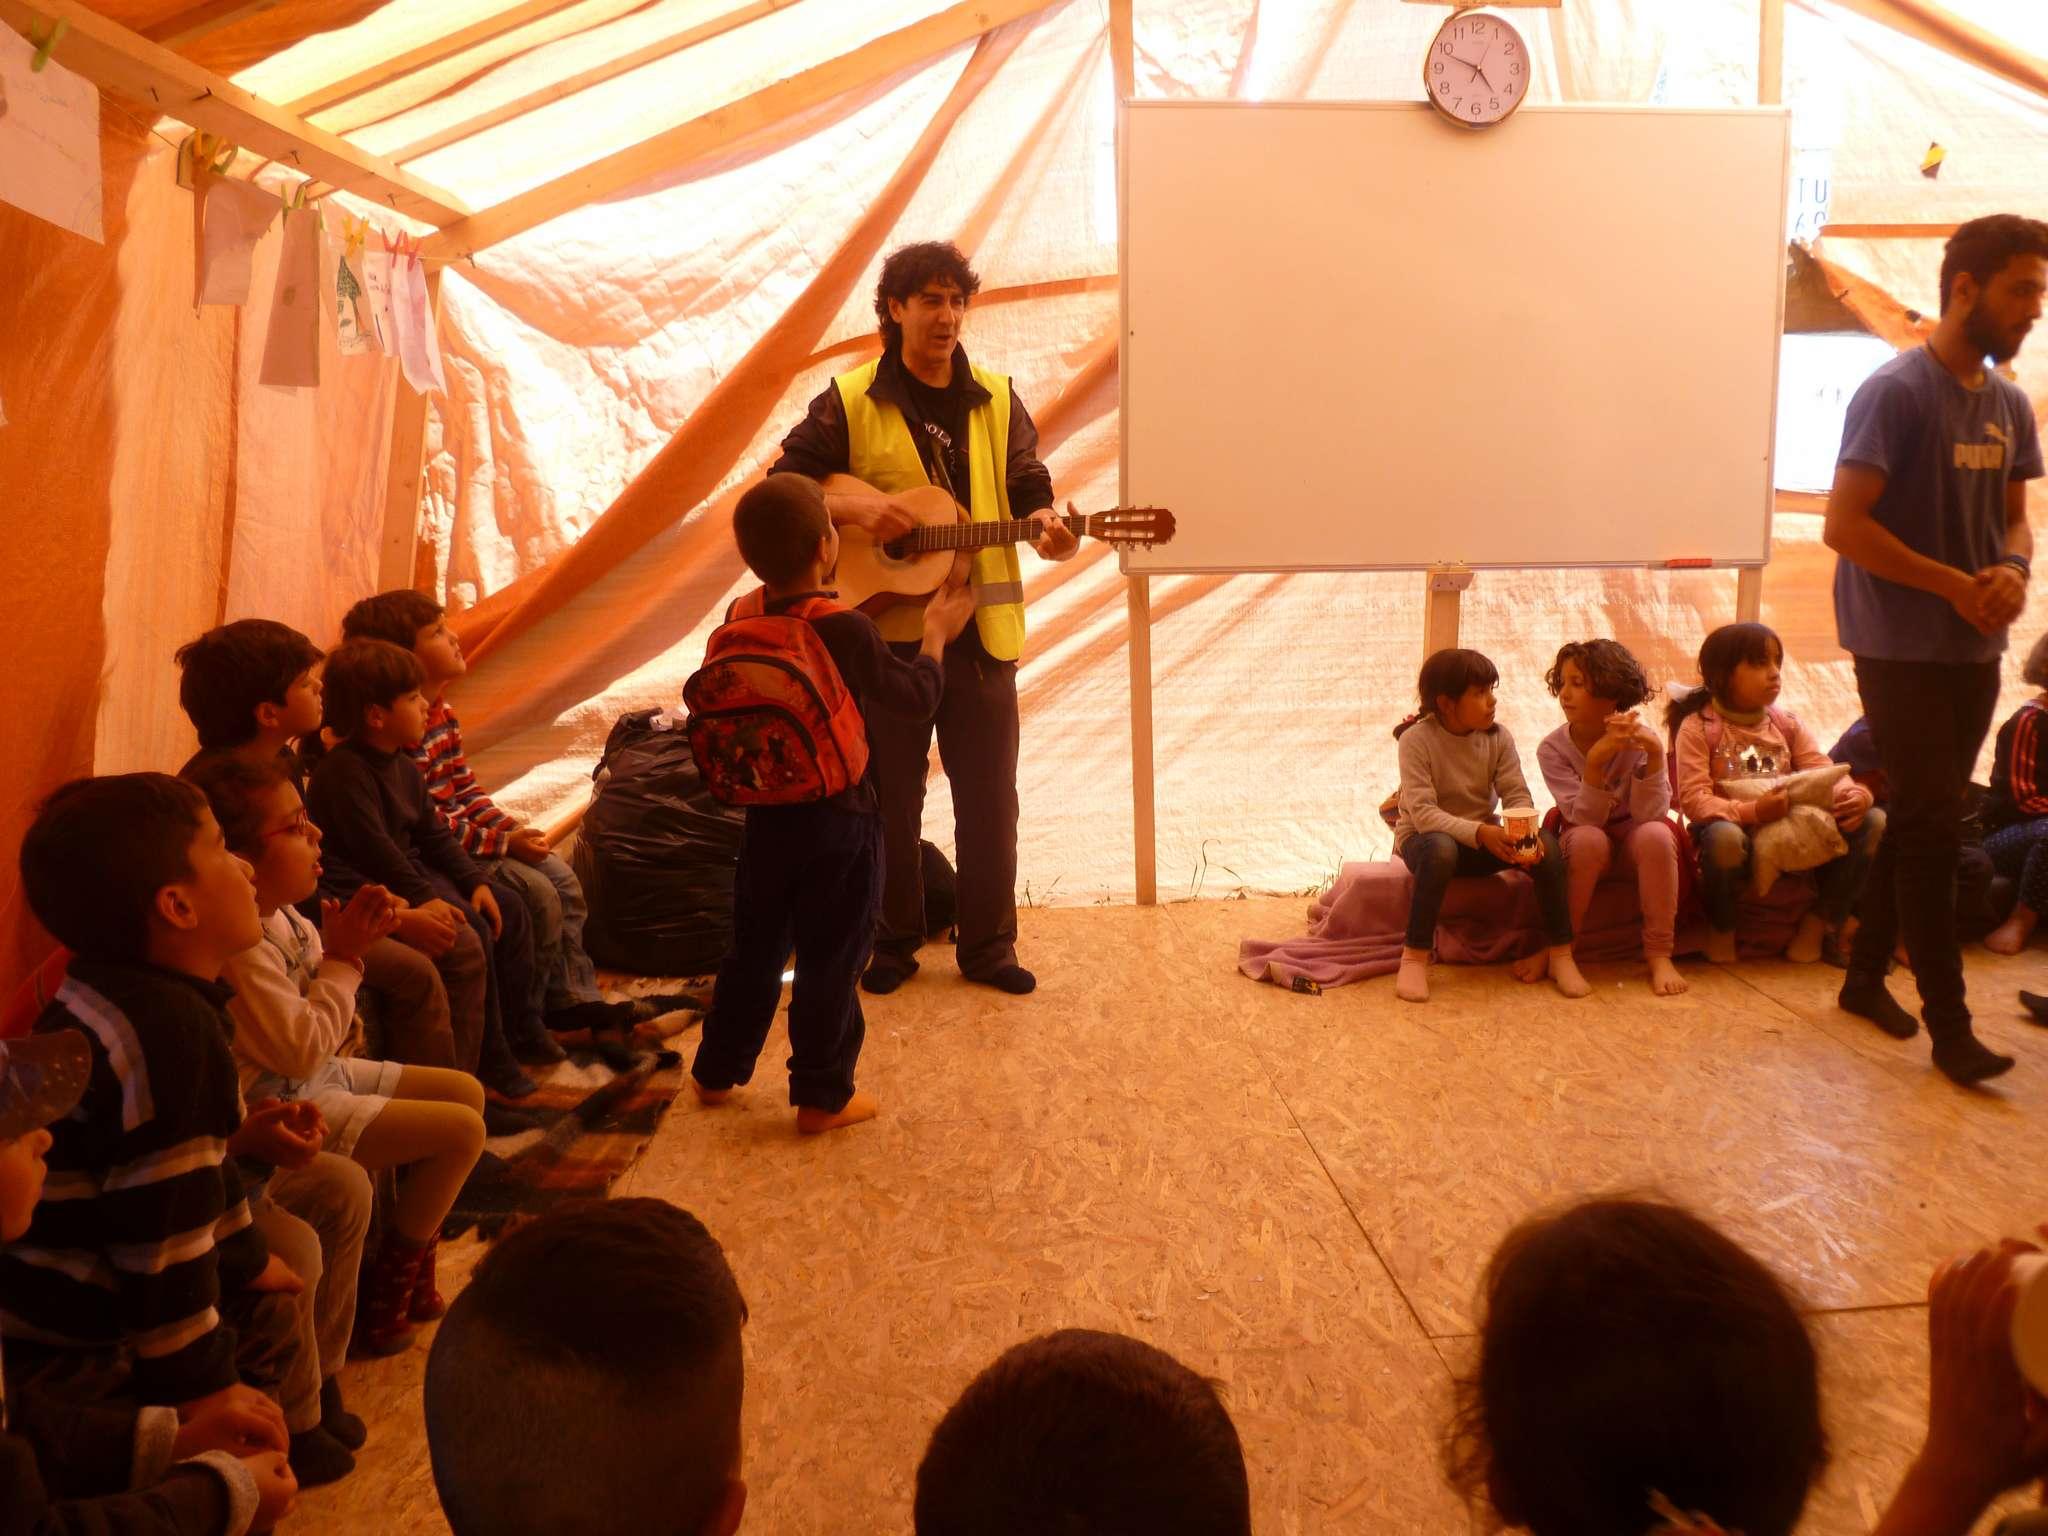 proyectos-educativos-p1050070